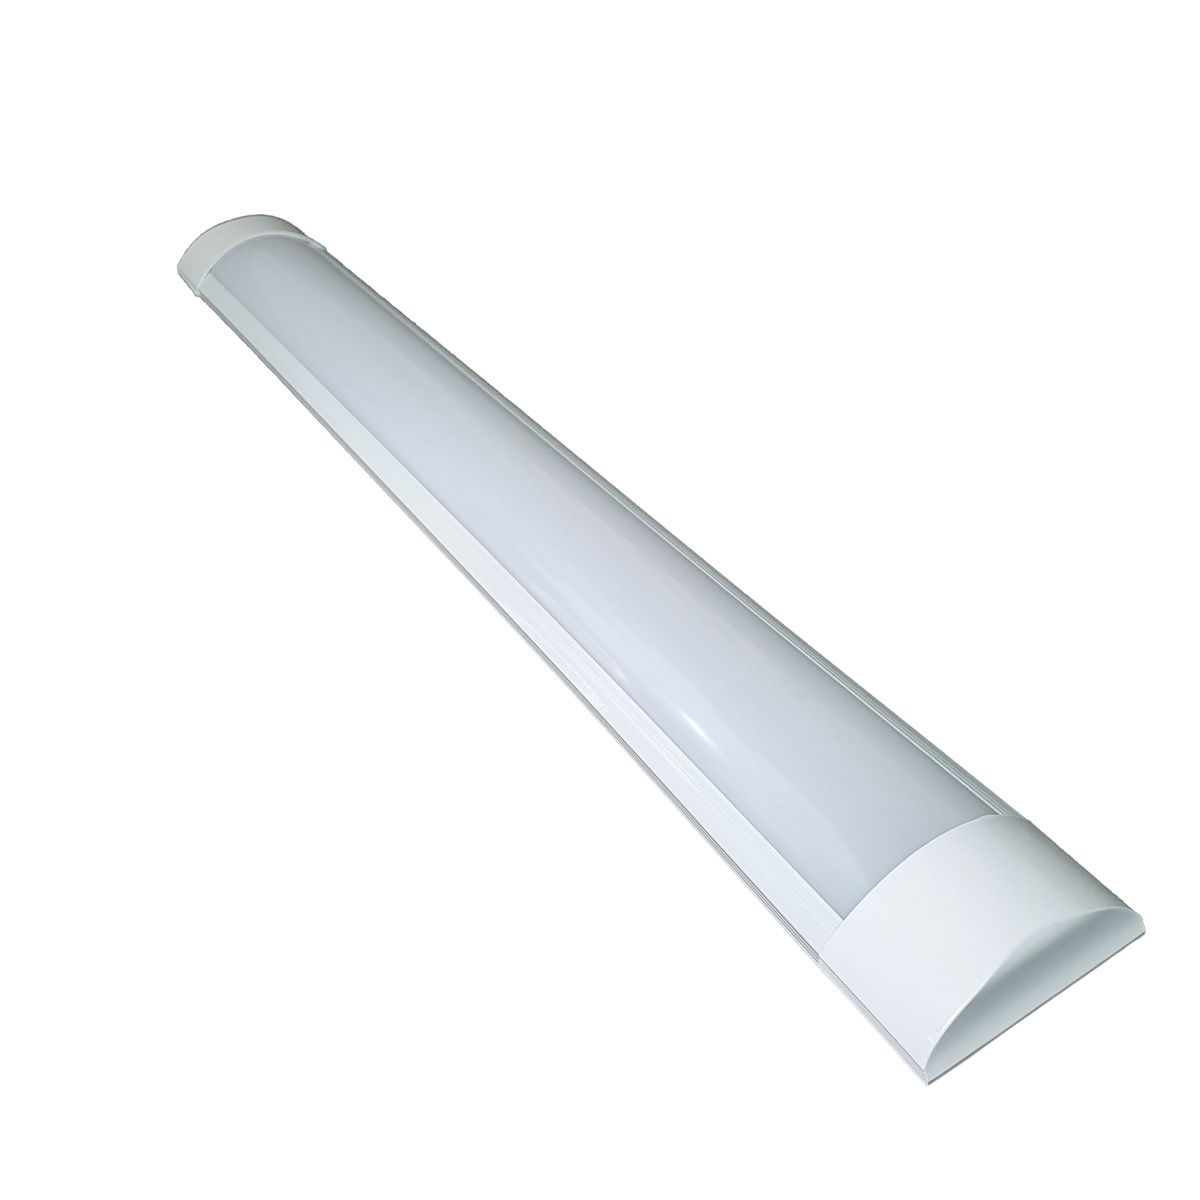 Luminária Tubular LED Flat 18w 60cm 6500k Bivolt Calha Sobrepor